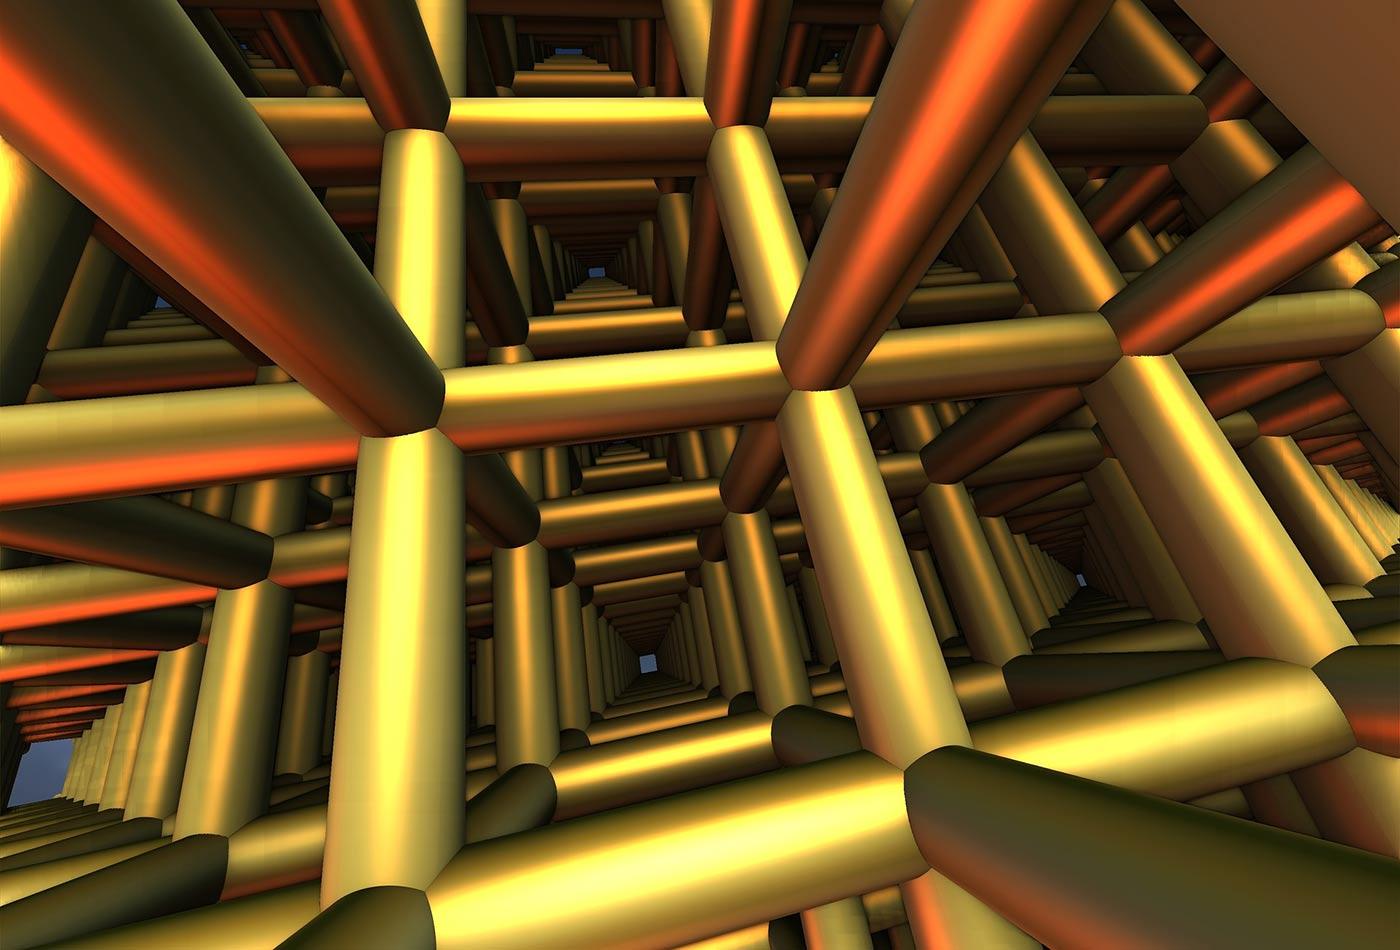 Pipe grid.